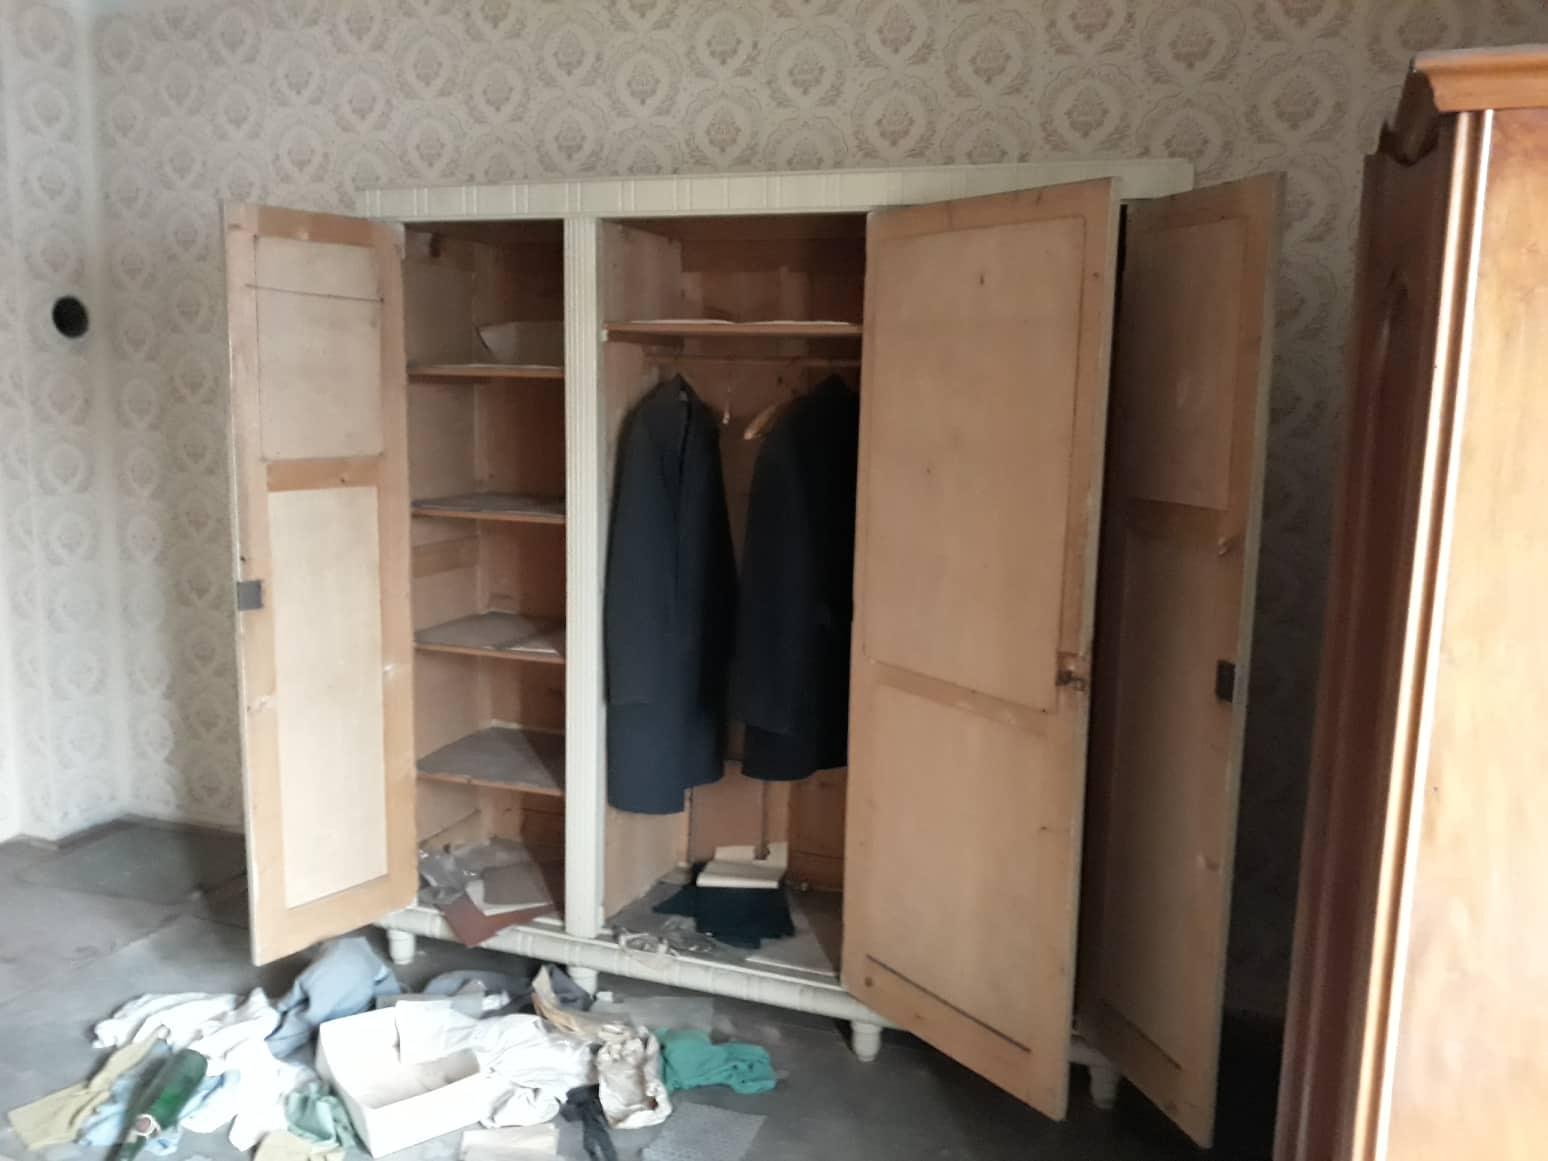 Rekonštrukcia domu-alebo chceme si splniť sen =》🏠🌻🌼🐶  mat domcek a vratit sa na Slovensko - izba c.2 tu planujeme obyvacku ..ak statik povie, ze je vsetko OK a projektant navrhne ako chce budeme mat spojenu obyvacku s kuchynou